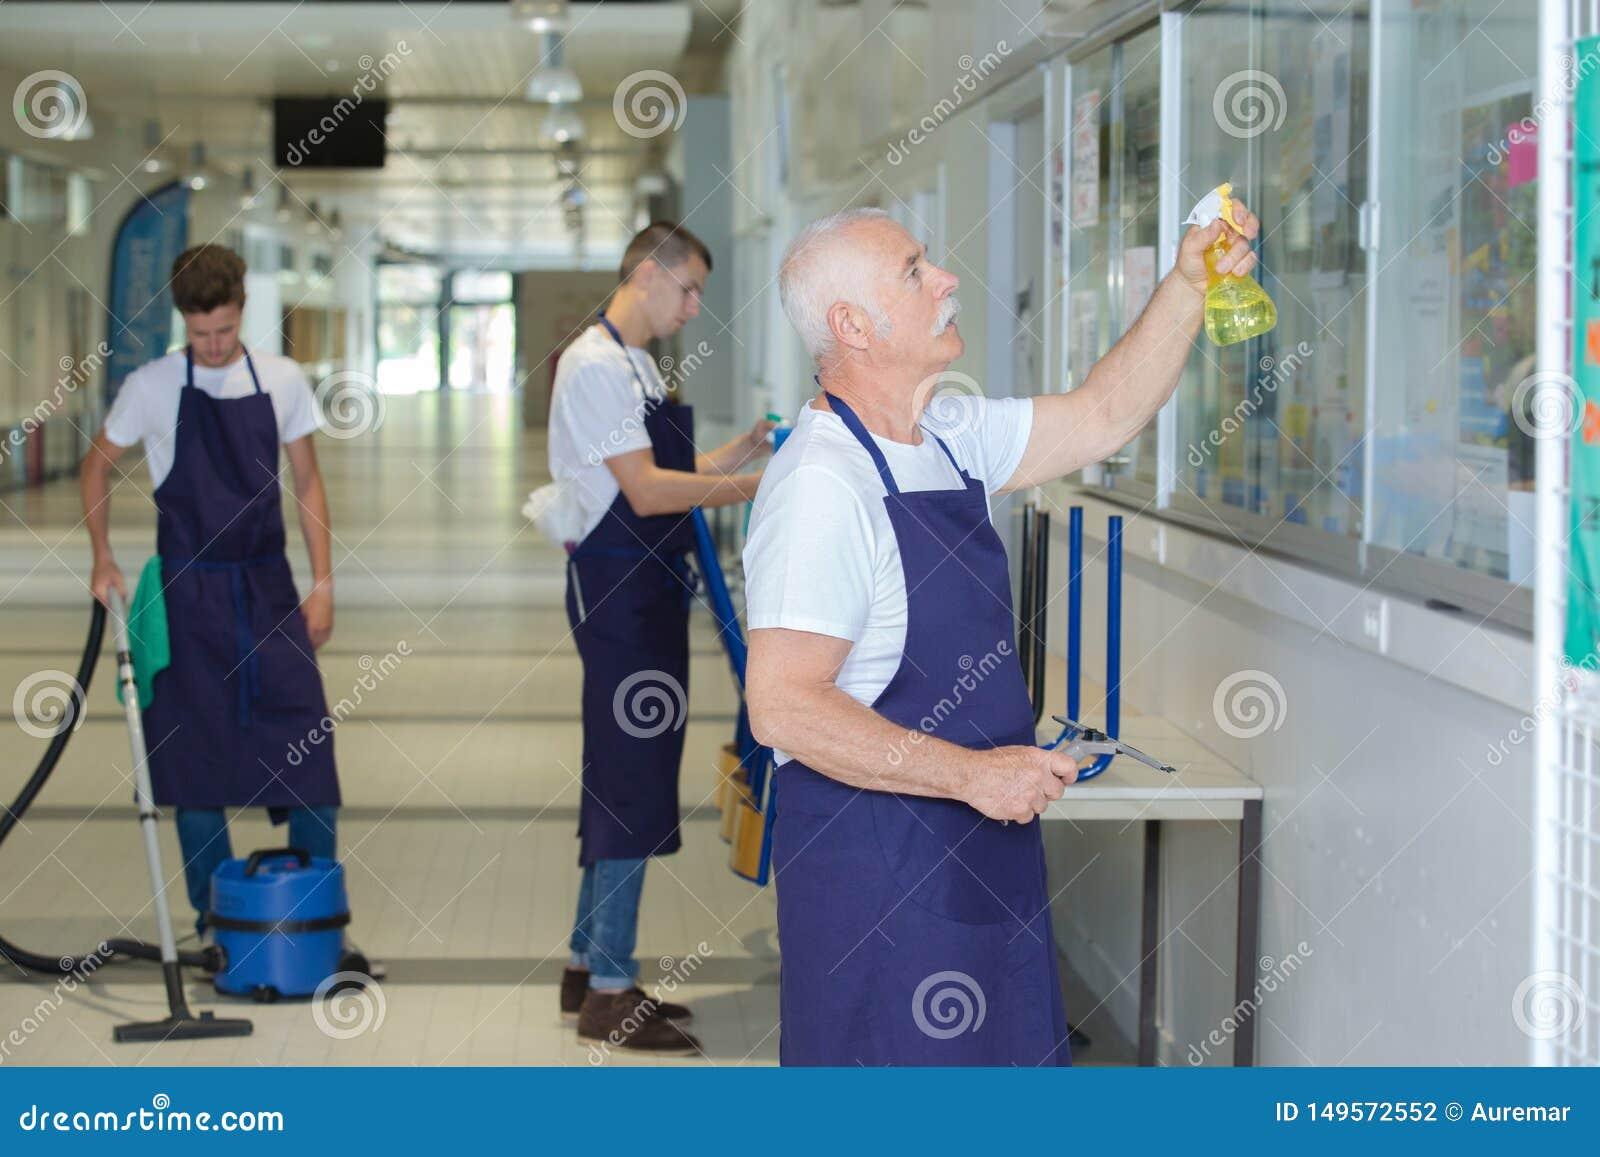 男性工友职员清洁创立